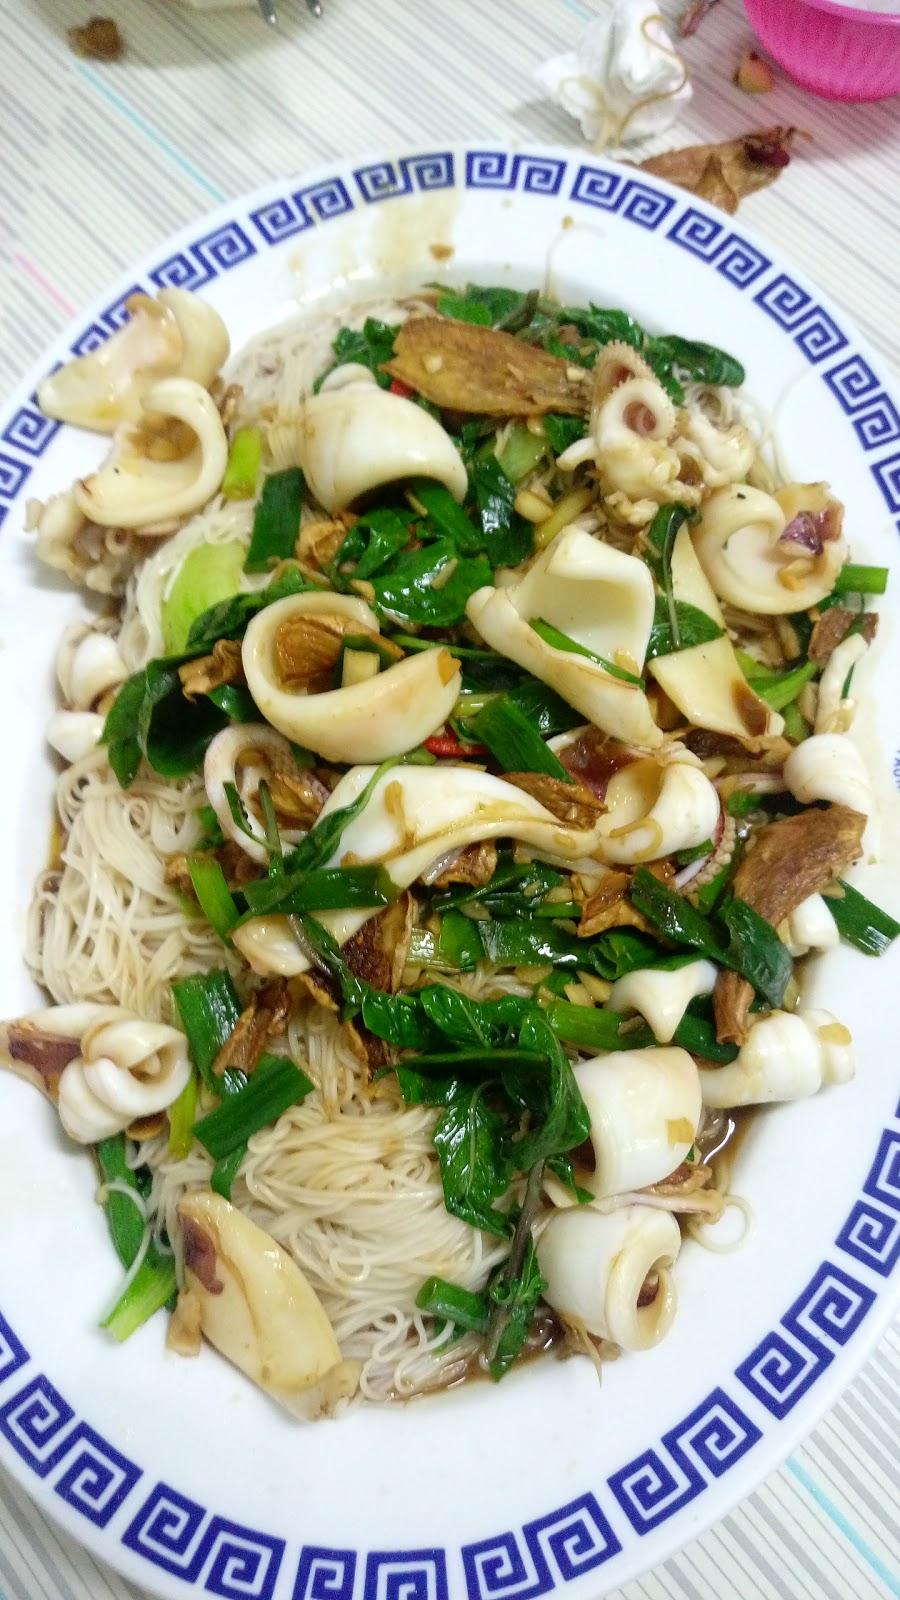 倪 鱔魚麵 - Foody 吃貨